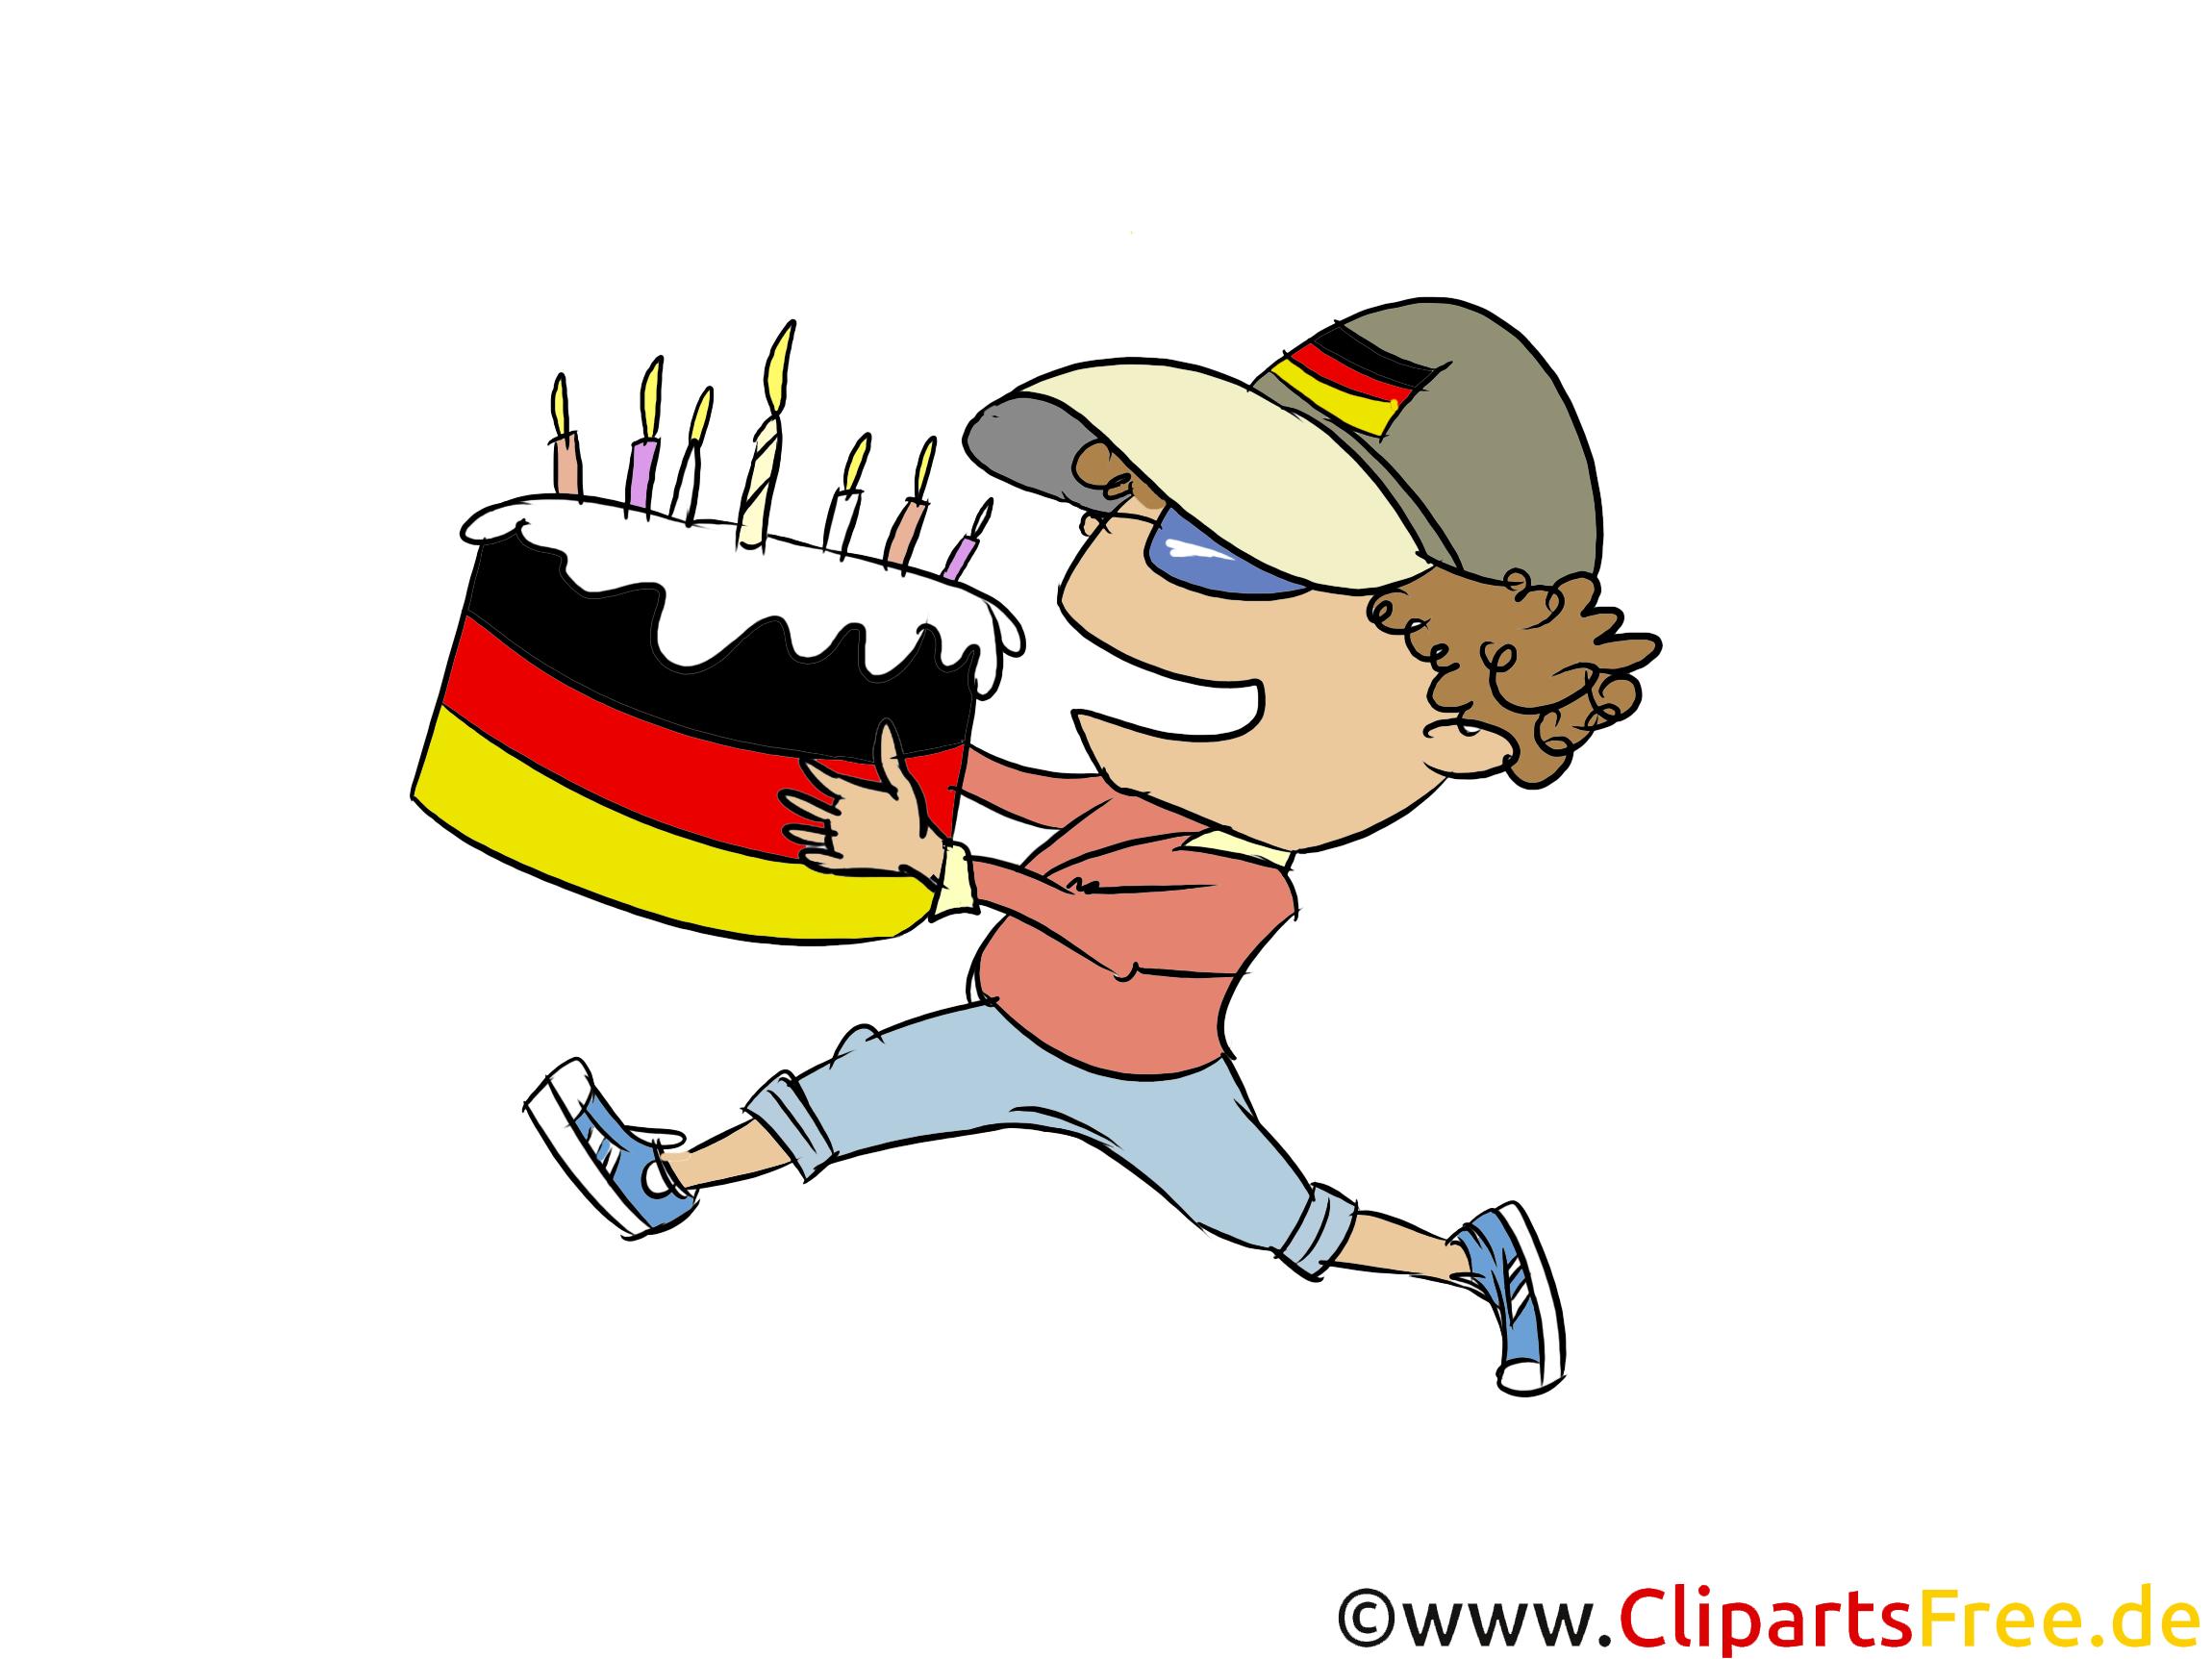 Lustige Cliparts zum Geburtstag